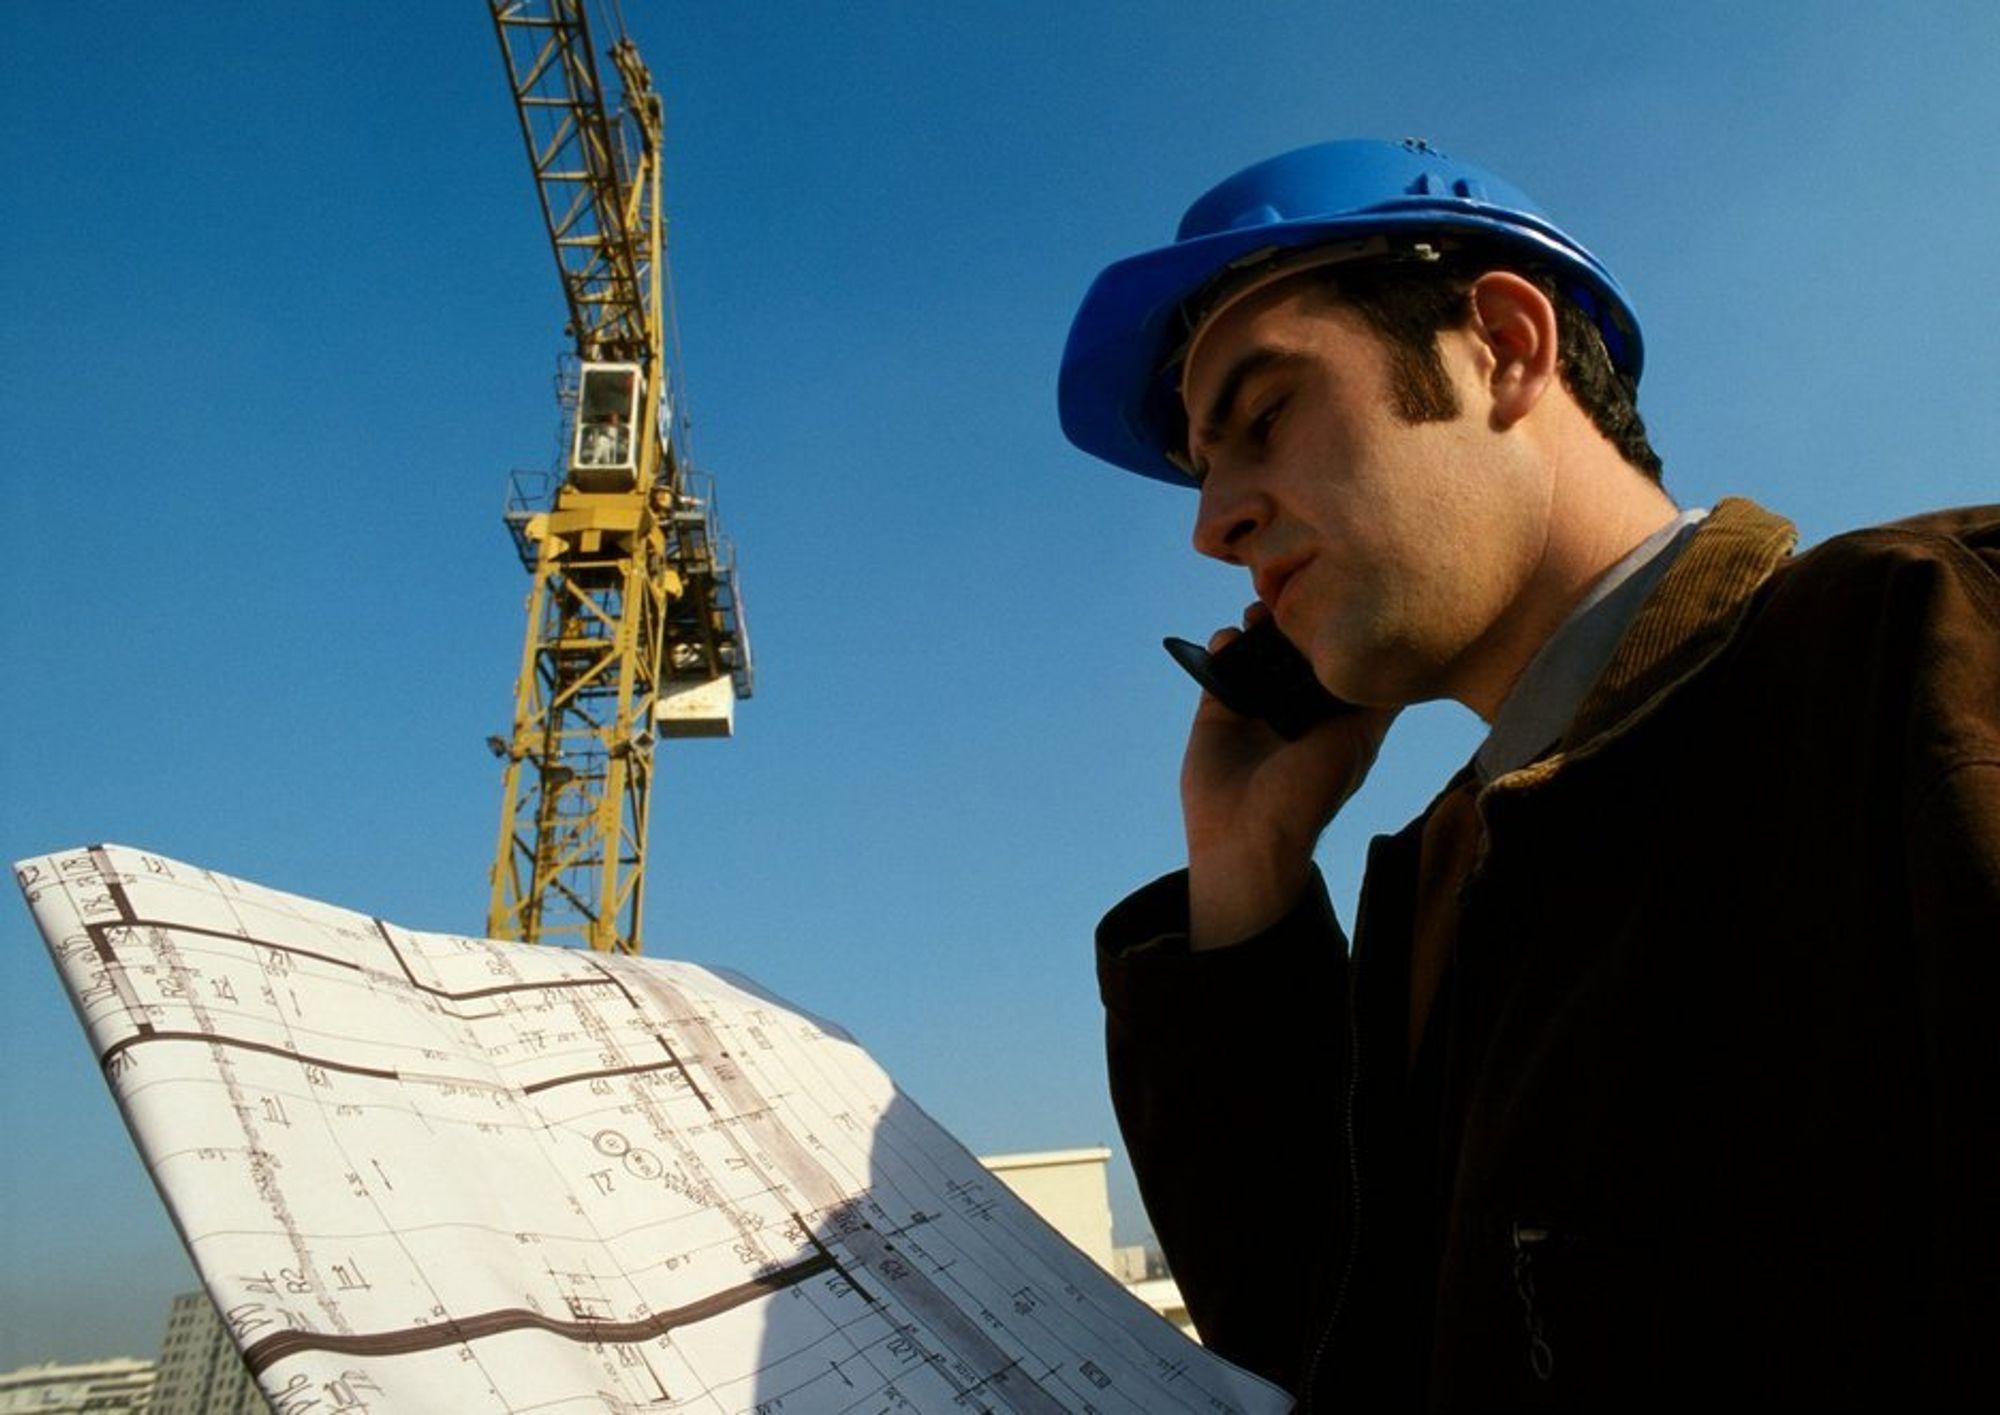 Ingeniør. Sivilingeniør. Bygg og anlegg. Industri. Prosjektering. Byggeplass. Arbeidsmarked. Jobb. Lønn.